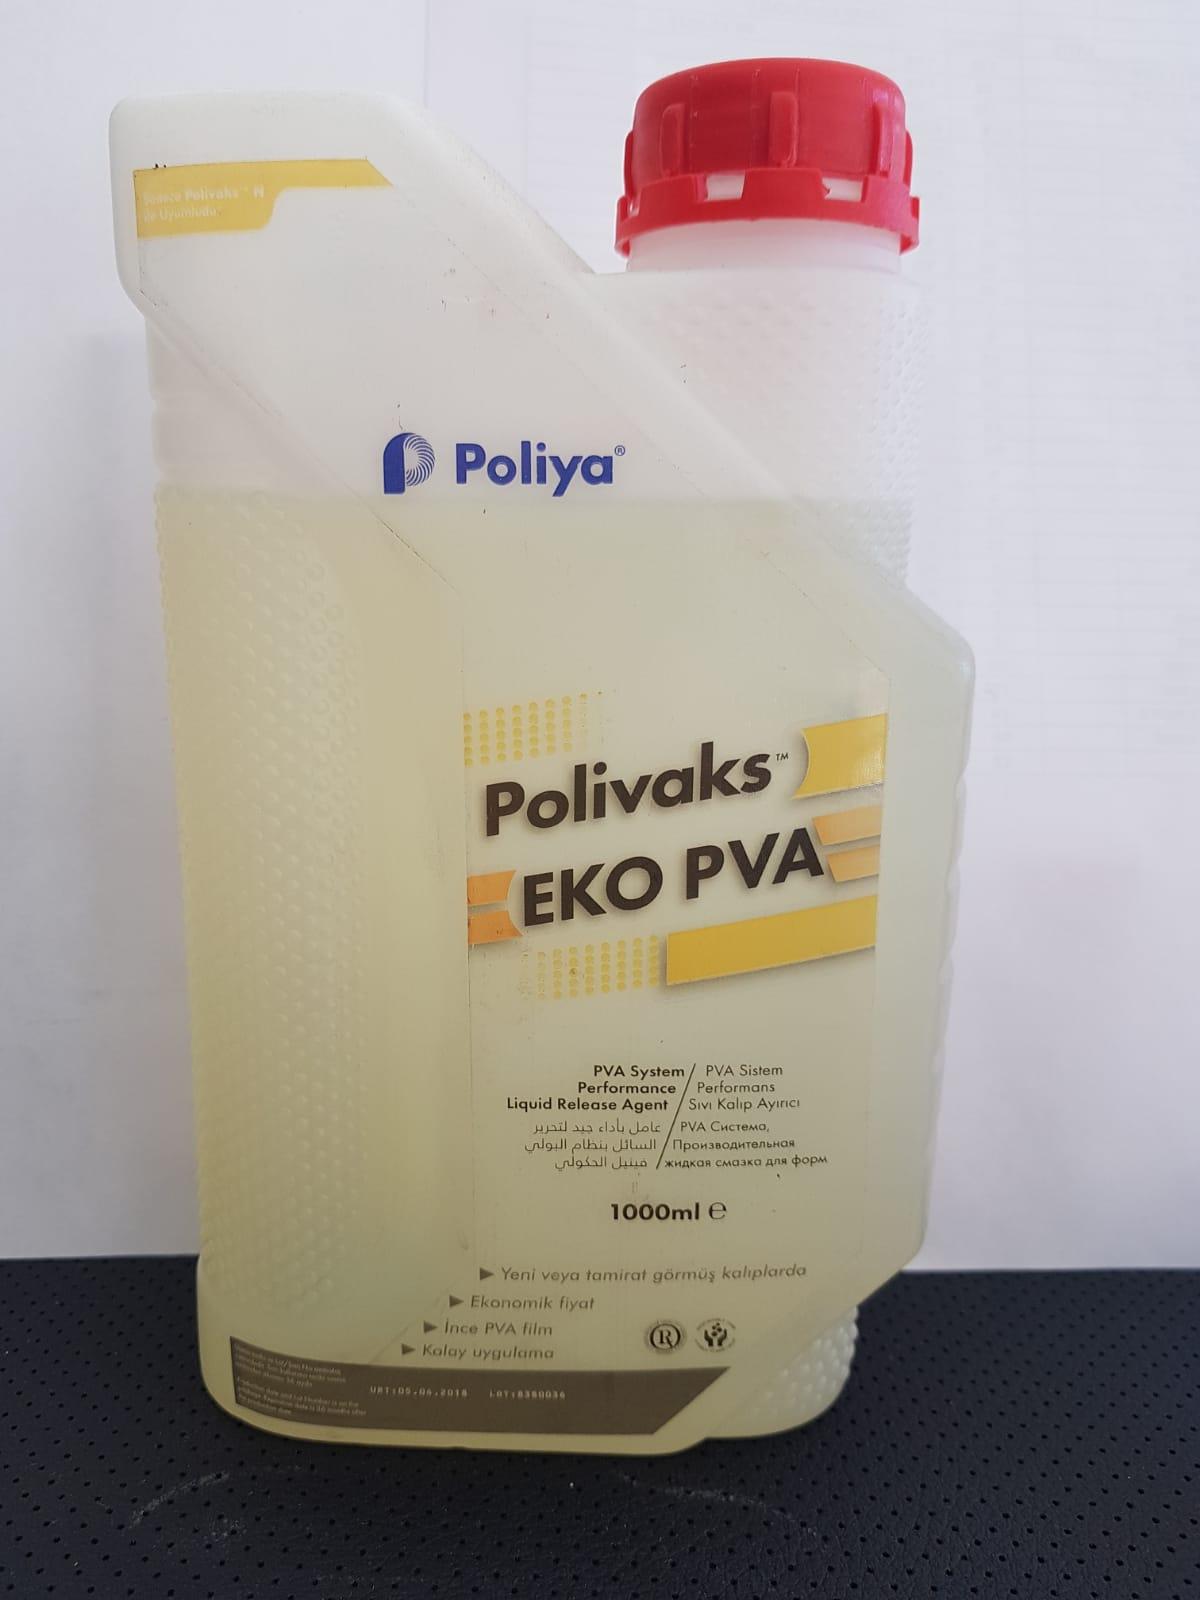 Polivaks Sıvı EKO PVA